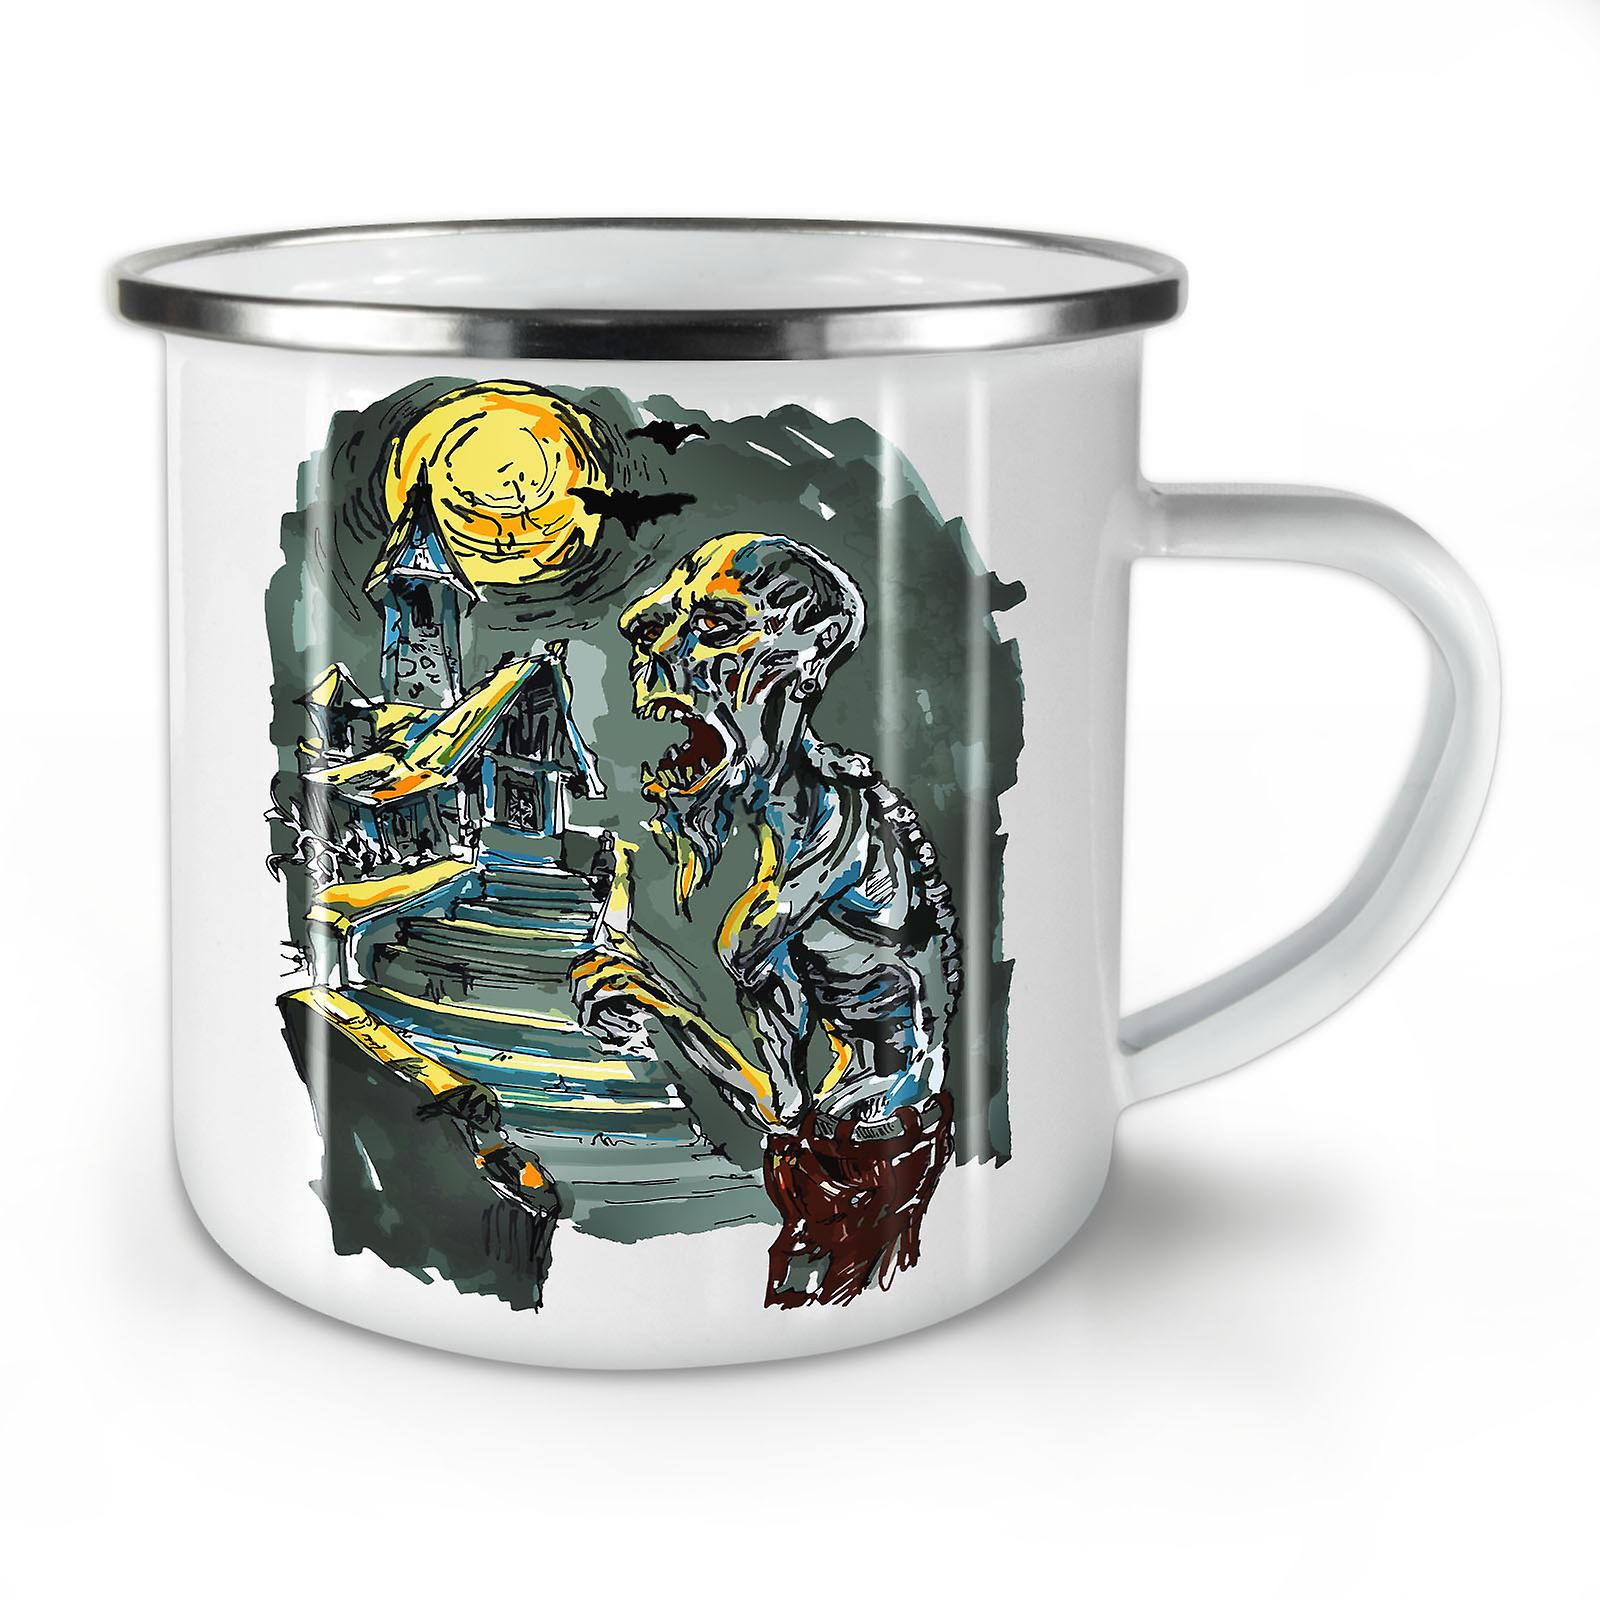 Zombie Enamel Mug10 Whitetea New OzWellcoda Graveyard Coffee WYEDH92I